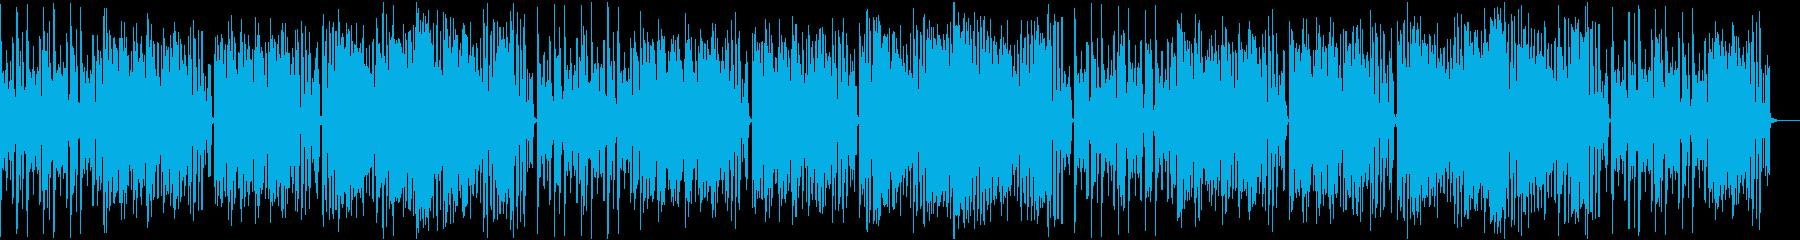 コミカル/静かめの再生済みの波形